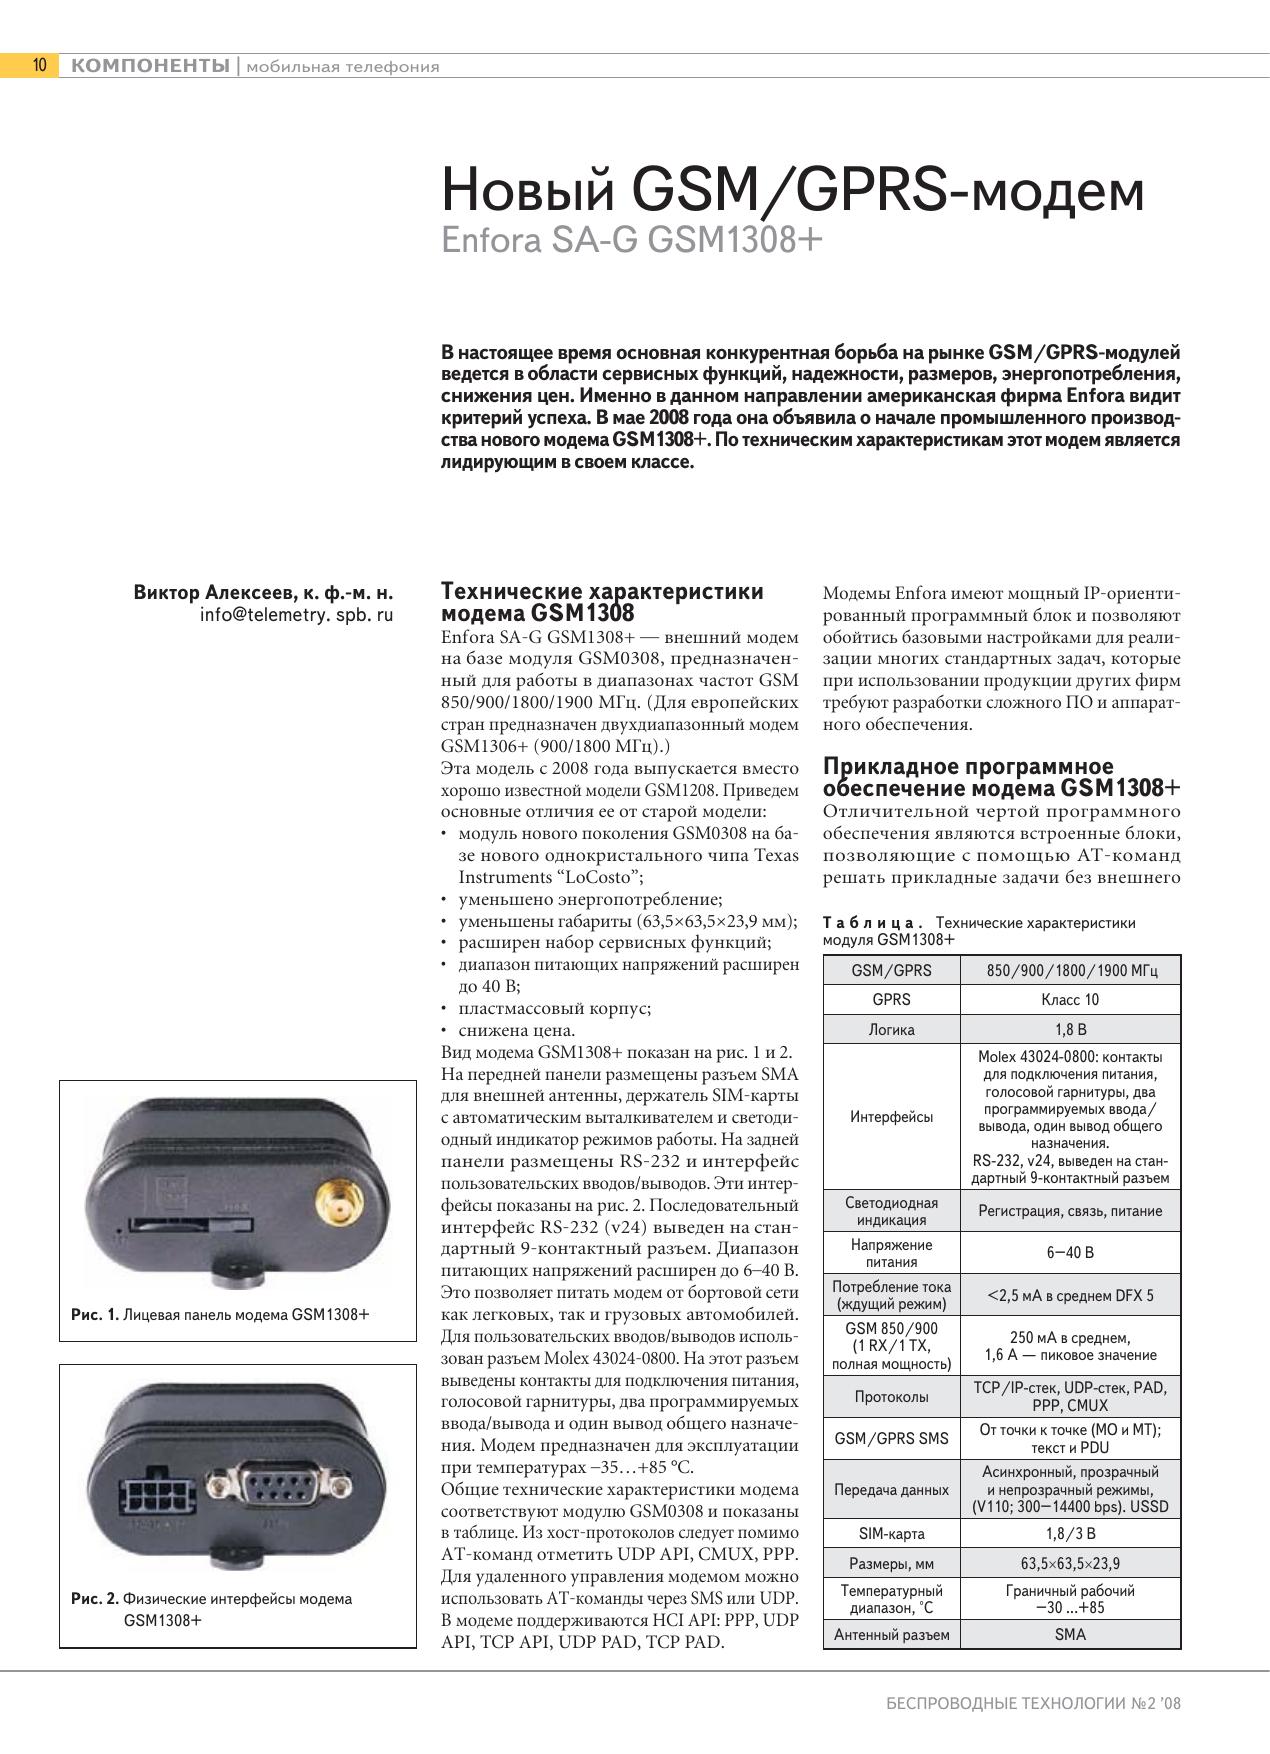 ENFORA GSM1308 DRIVER FOR WINDOWS 7